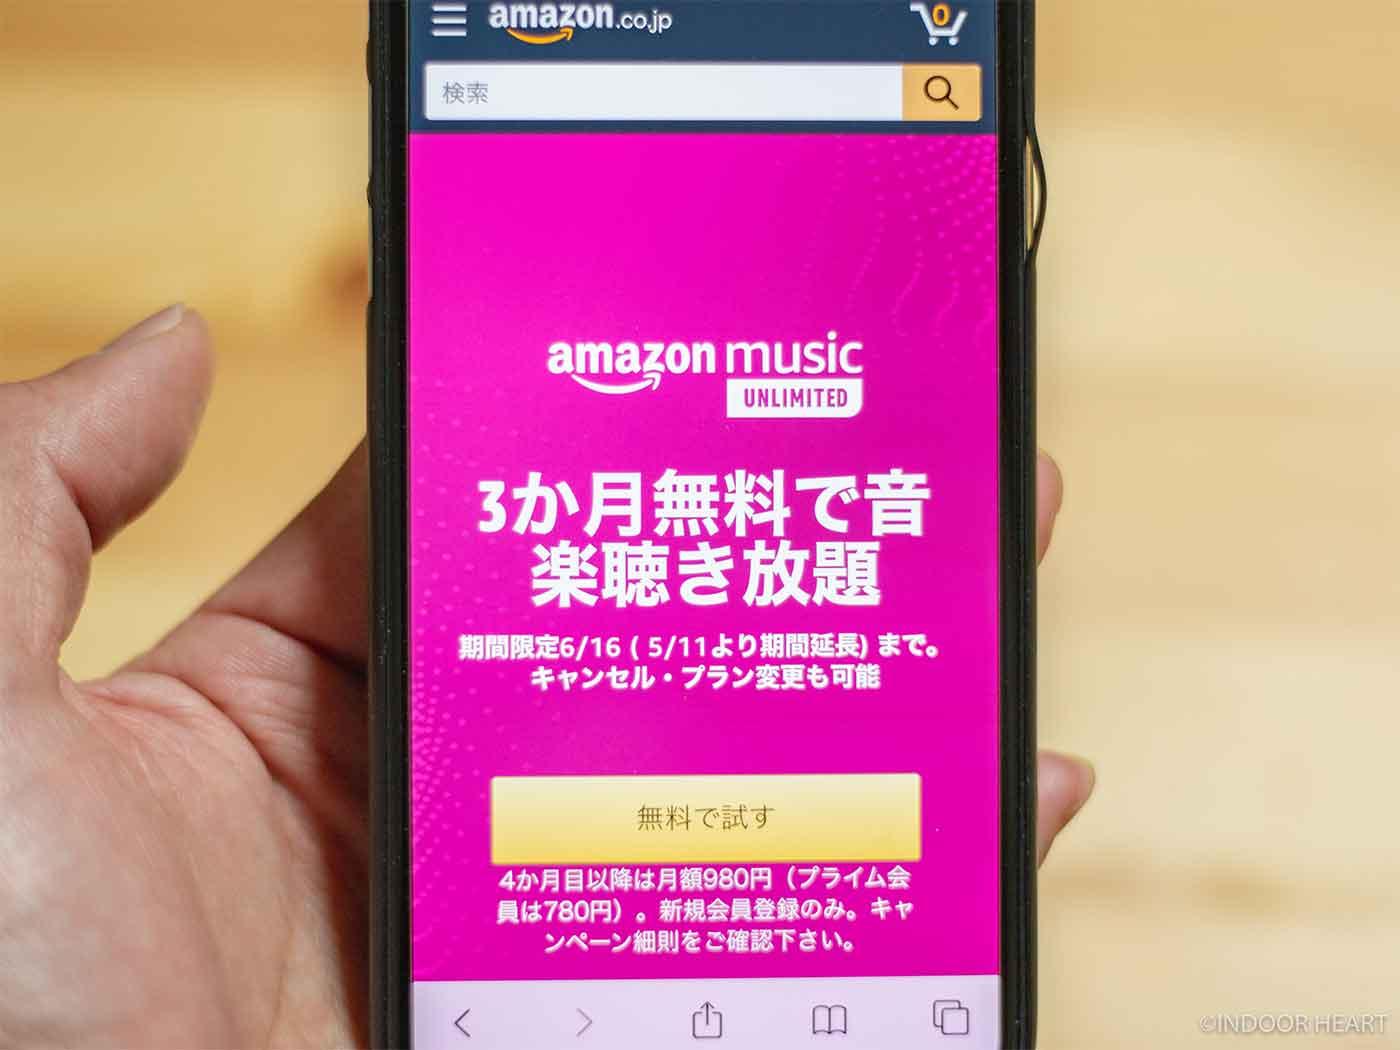 amazon music unlimitedのキャンペーンについて